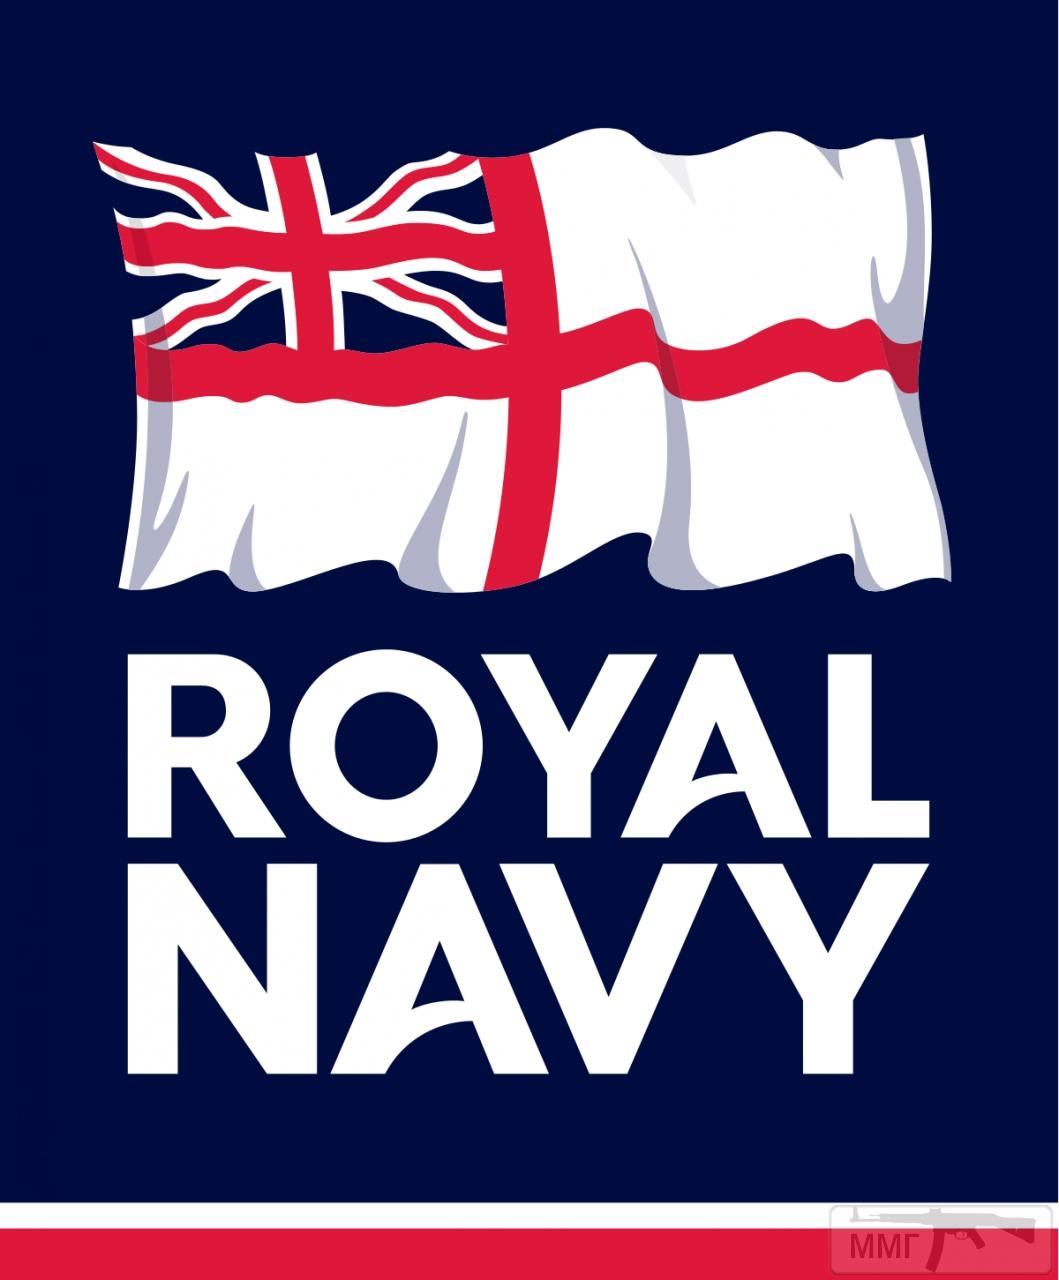 37480 - Royal Navy - все, что не входит в соседнюю тему.